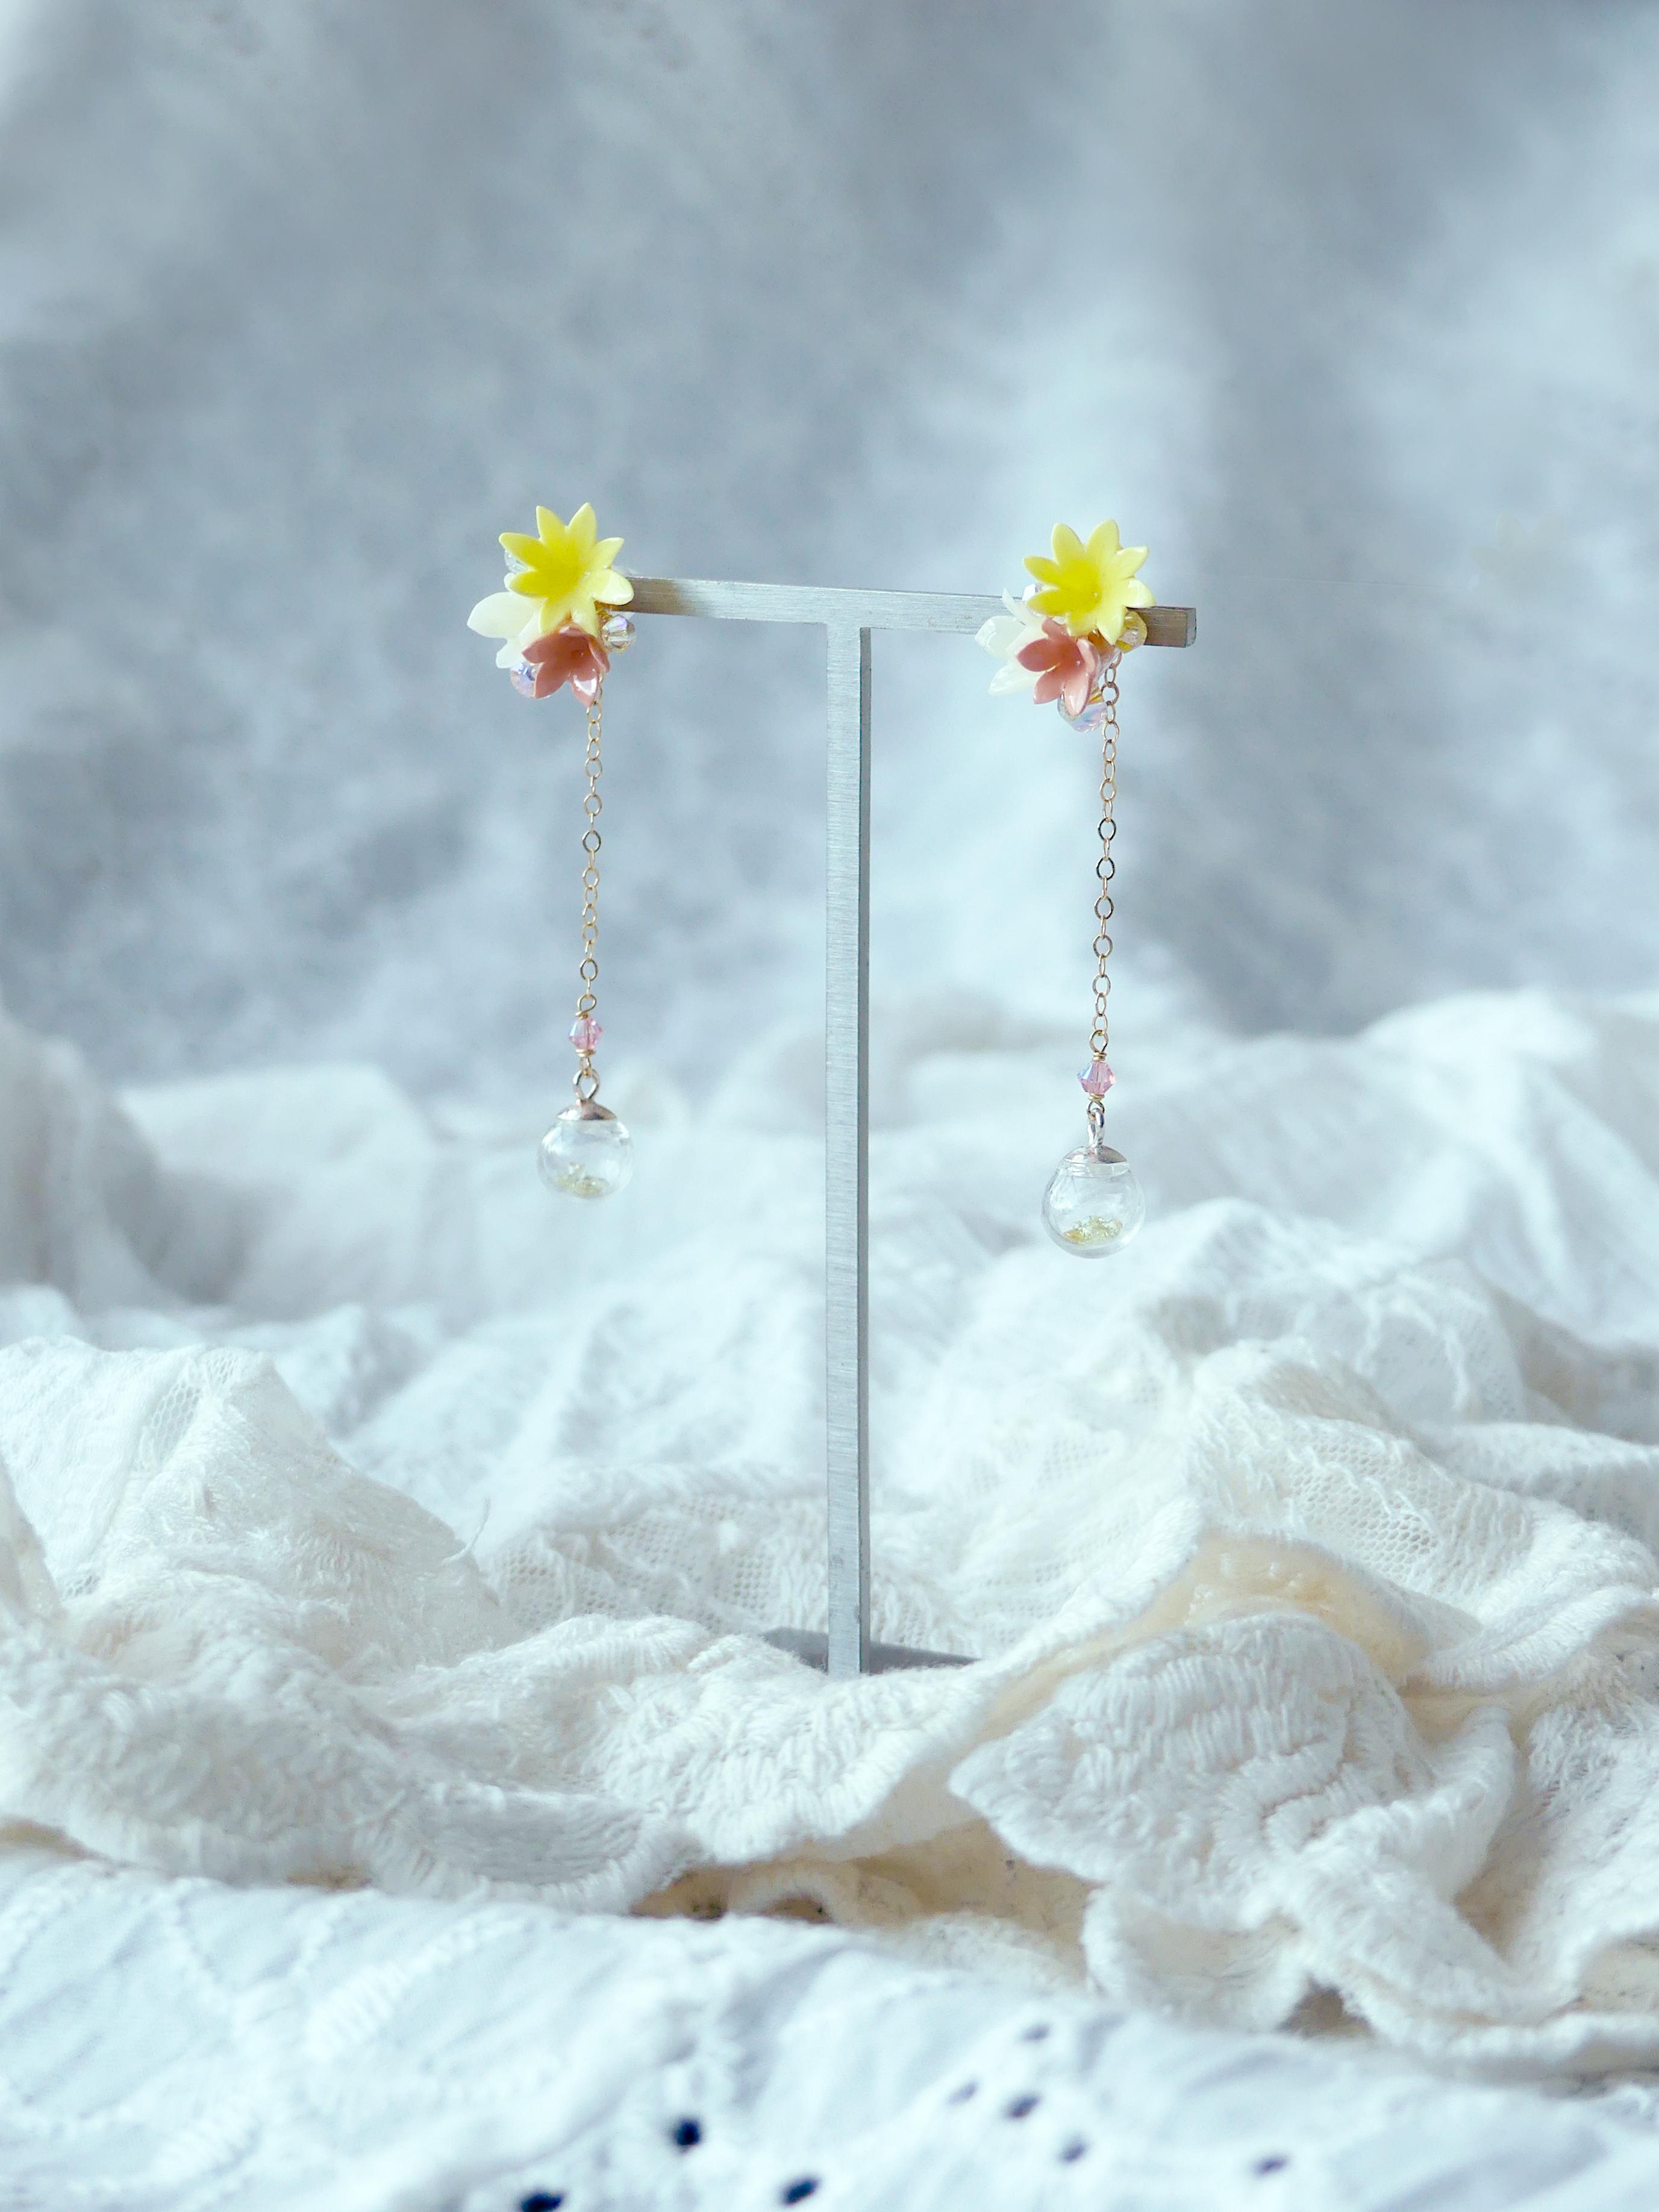 2-Way Handcrafted Floral Earrings Workshop - WELLNESS - K11